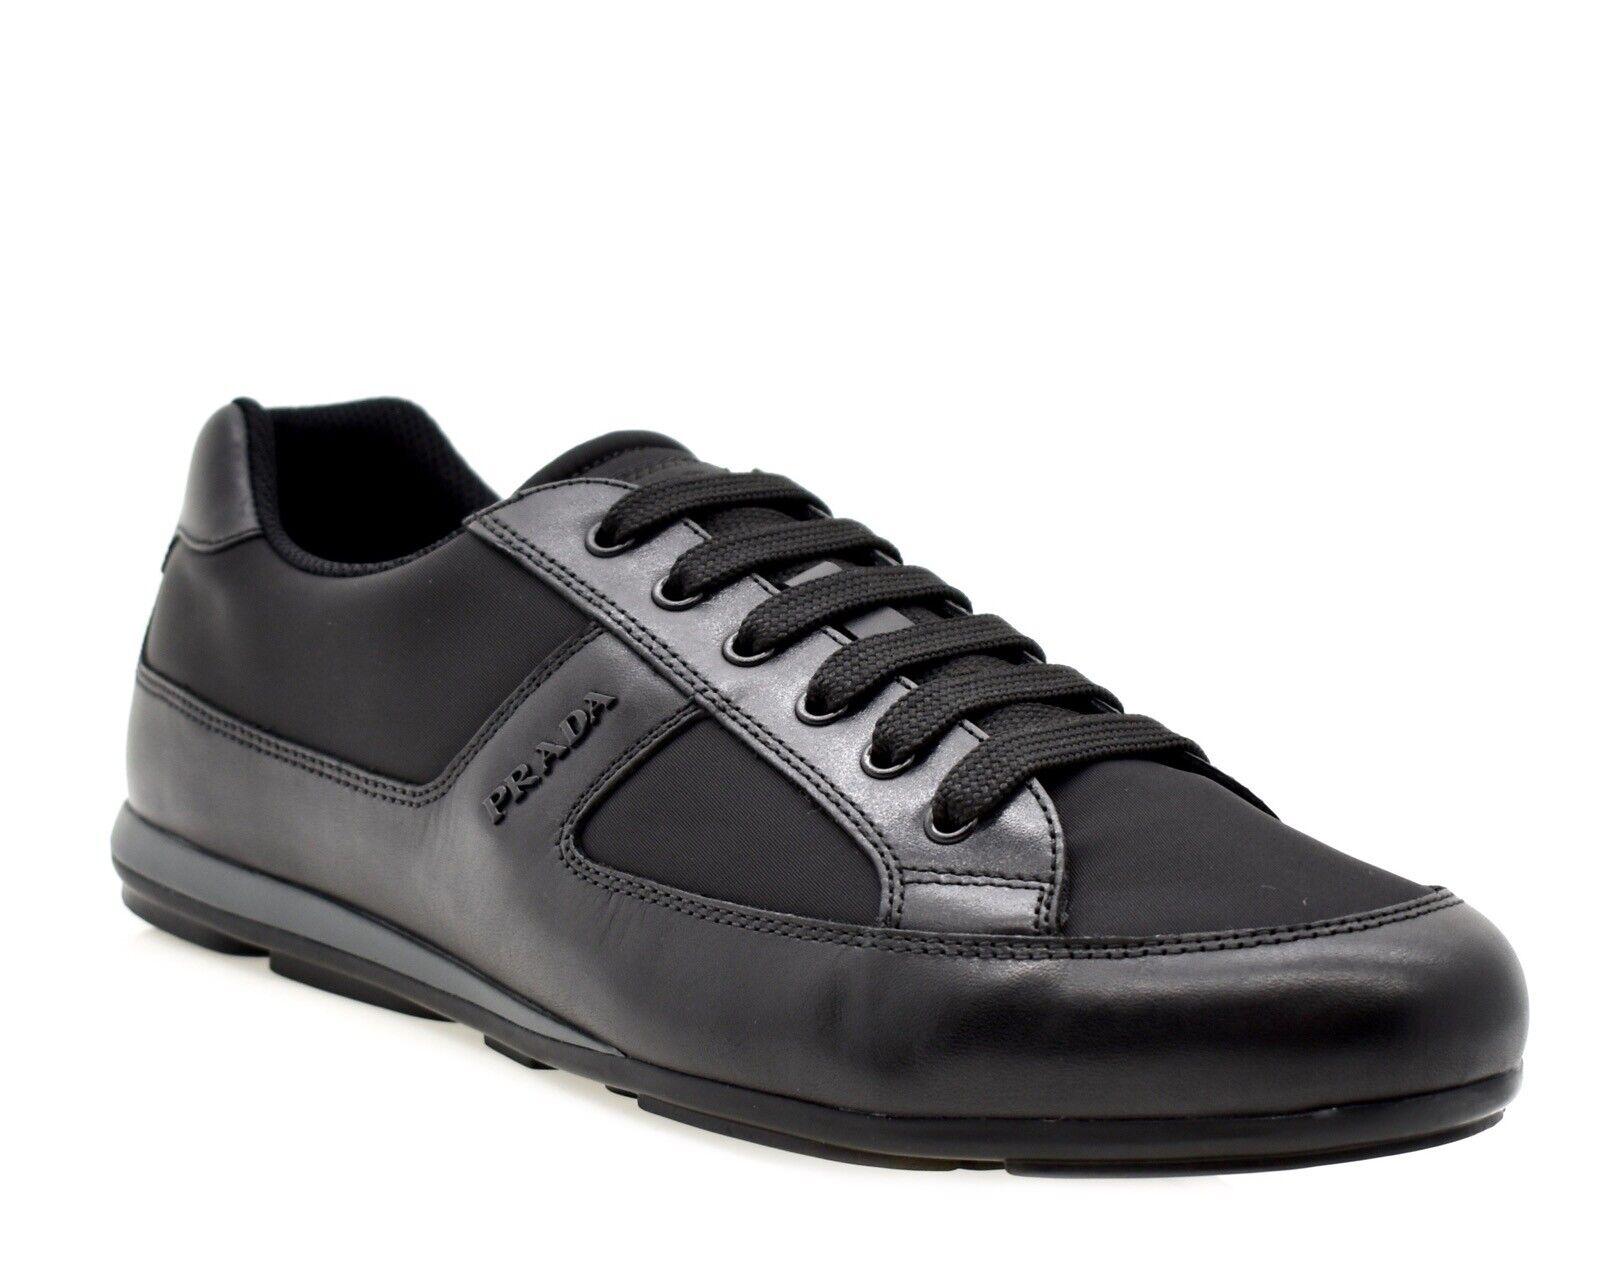 Prada Fashion Sneakers Black Nylon Size 12 New